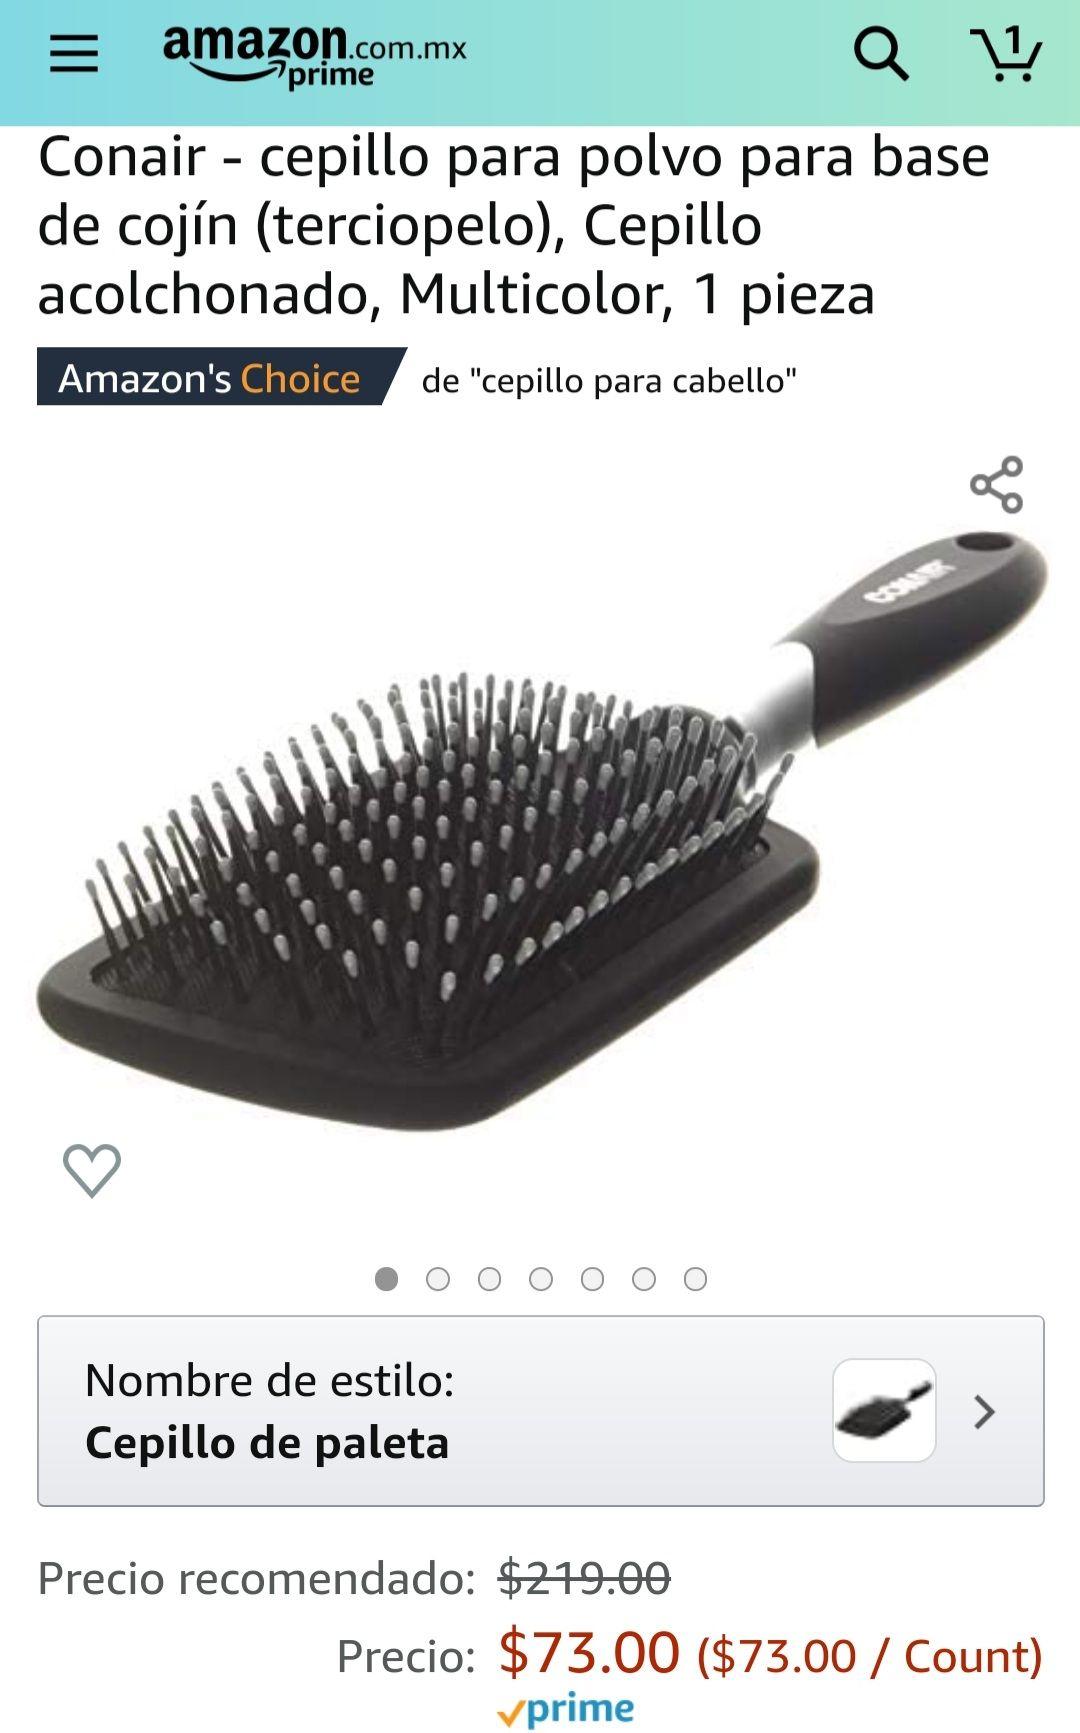 Amazon Conair - cepillo para polvo para base de cojín (terciopelo), Cepillo acolchonado, Multicolor, 1 pieza